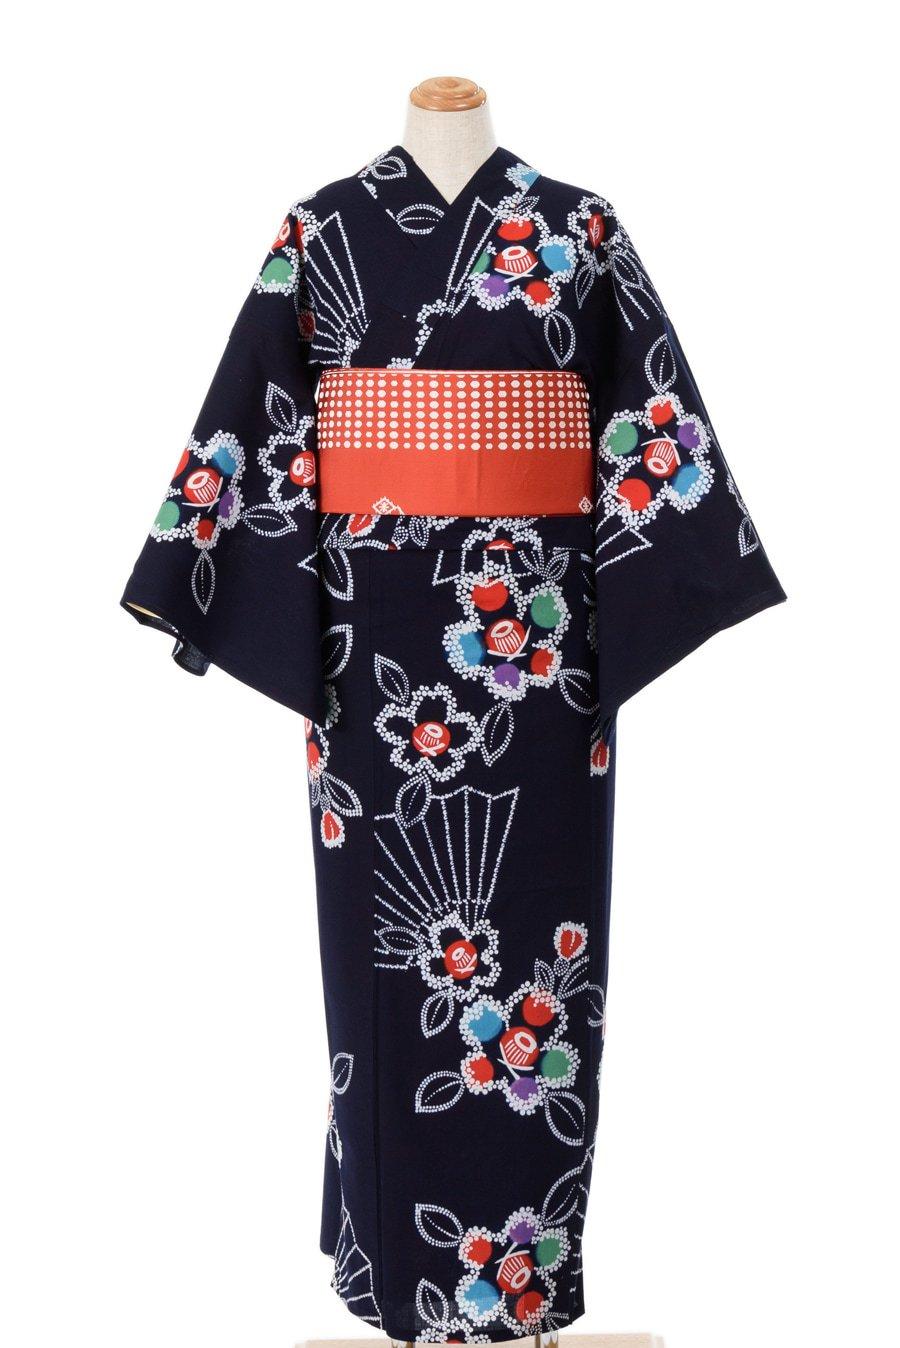 「浴衣 紺地に椿と扇」の商品画像